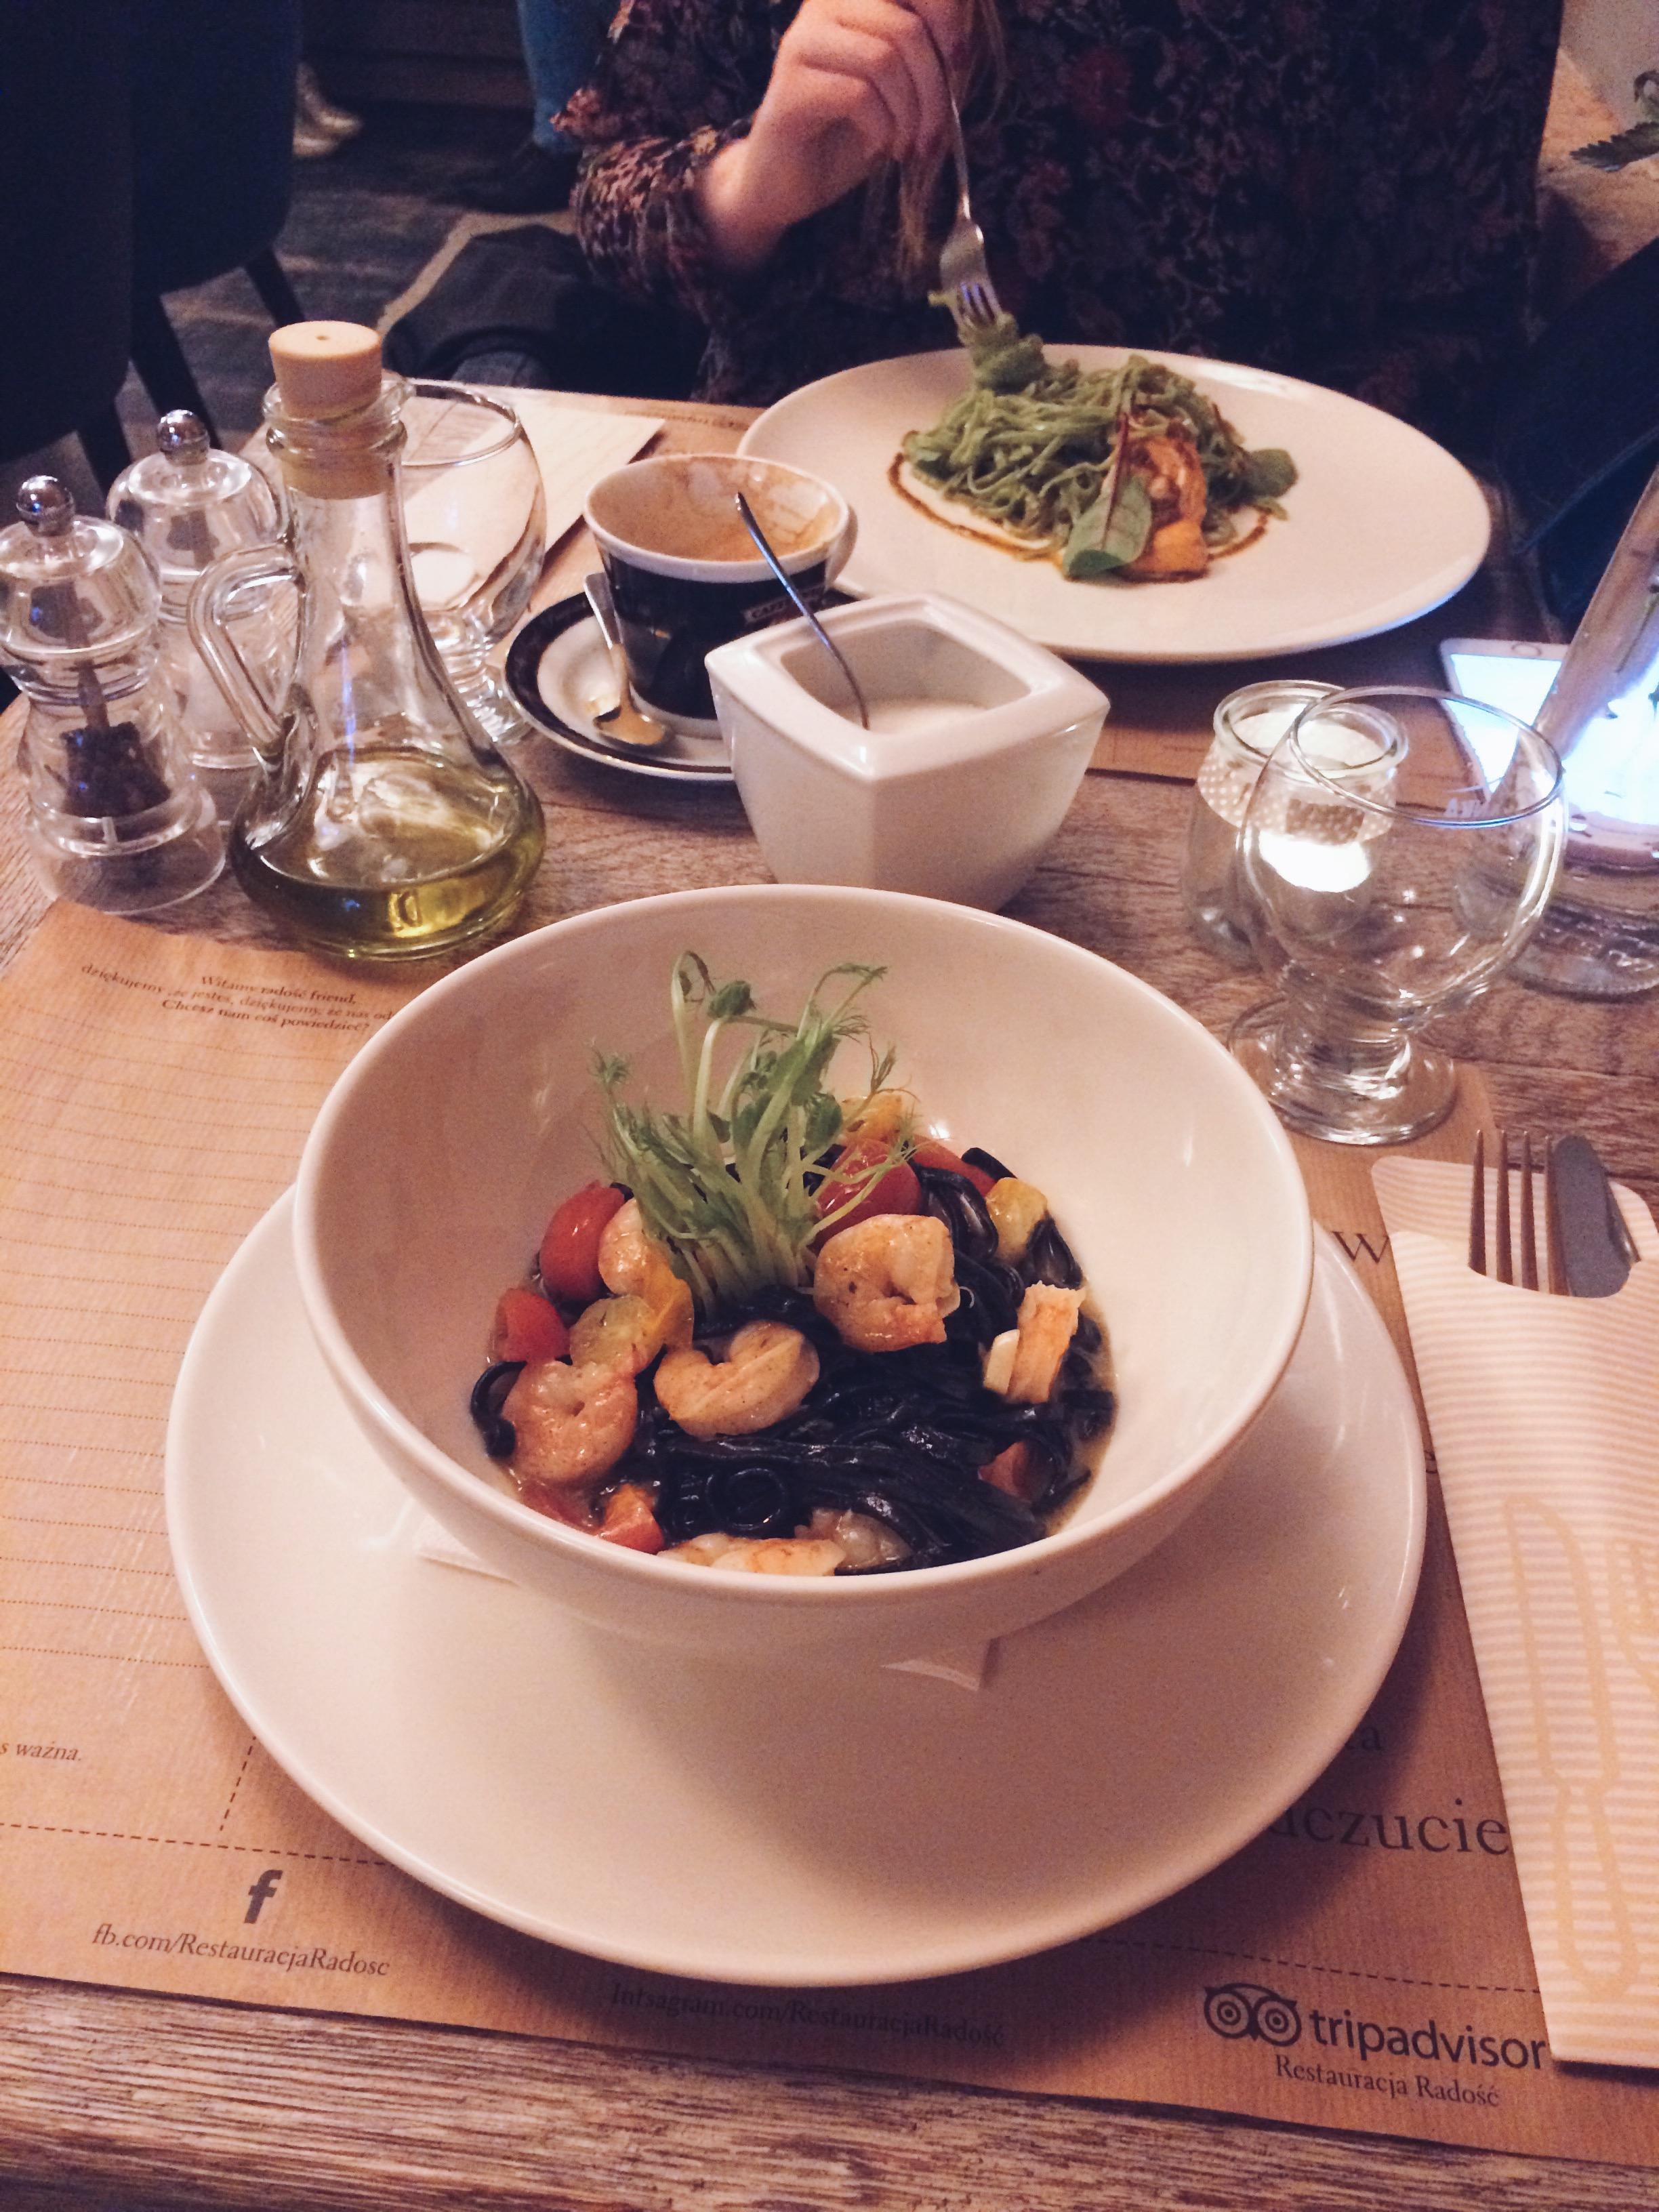 Rzeszów restauracja radość